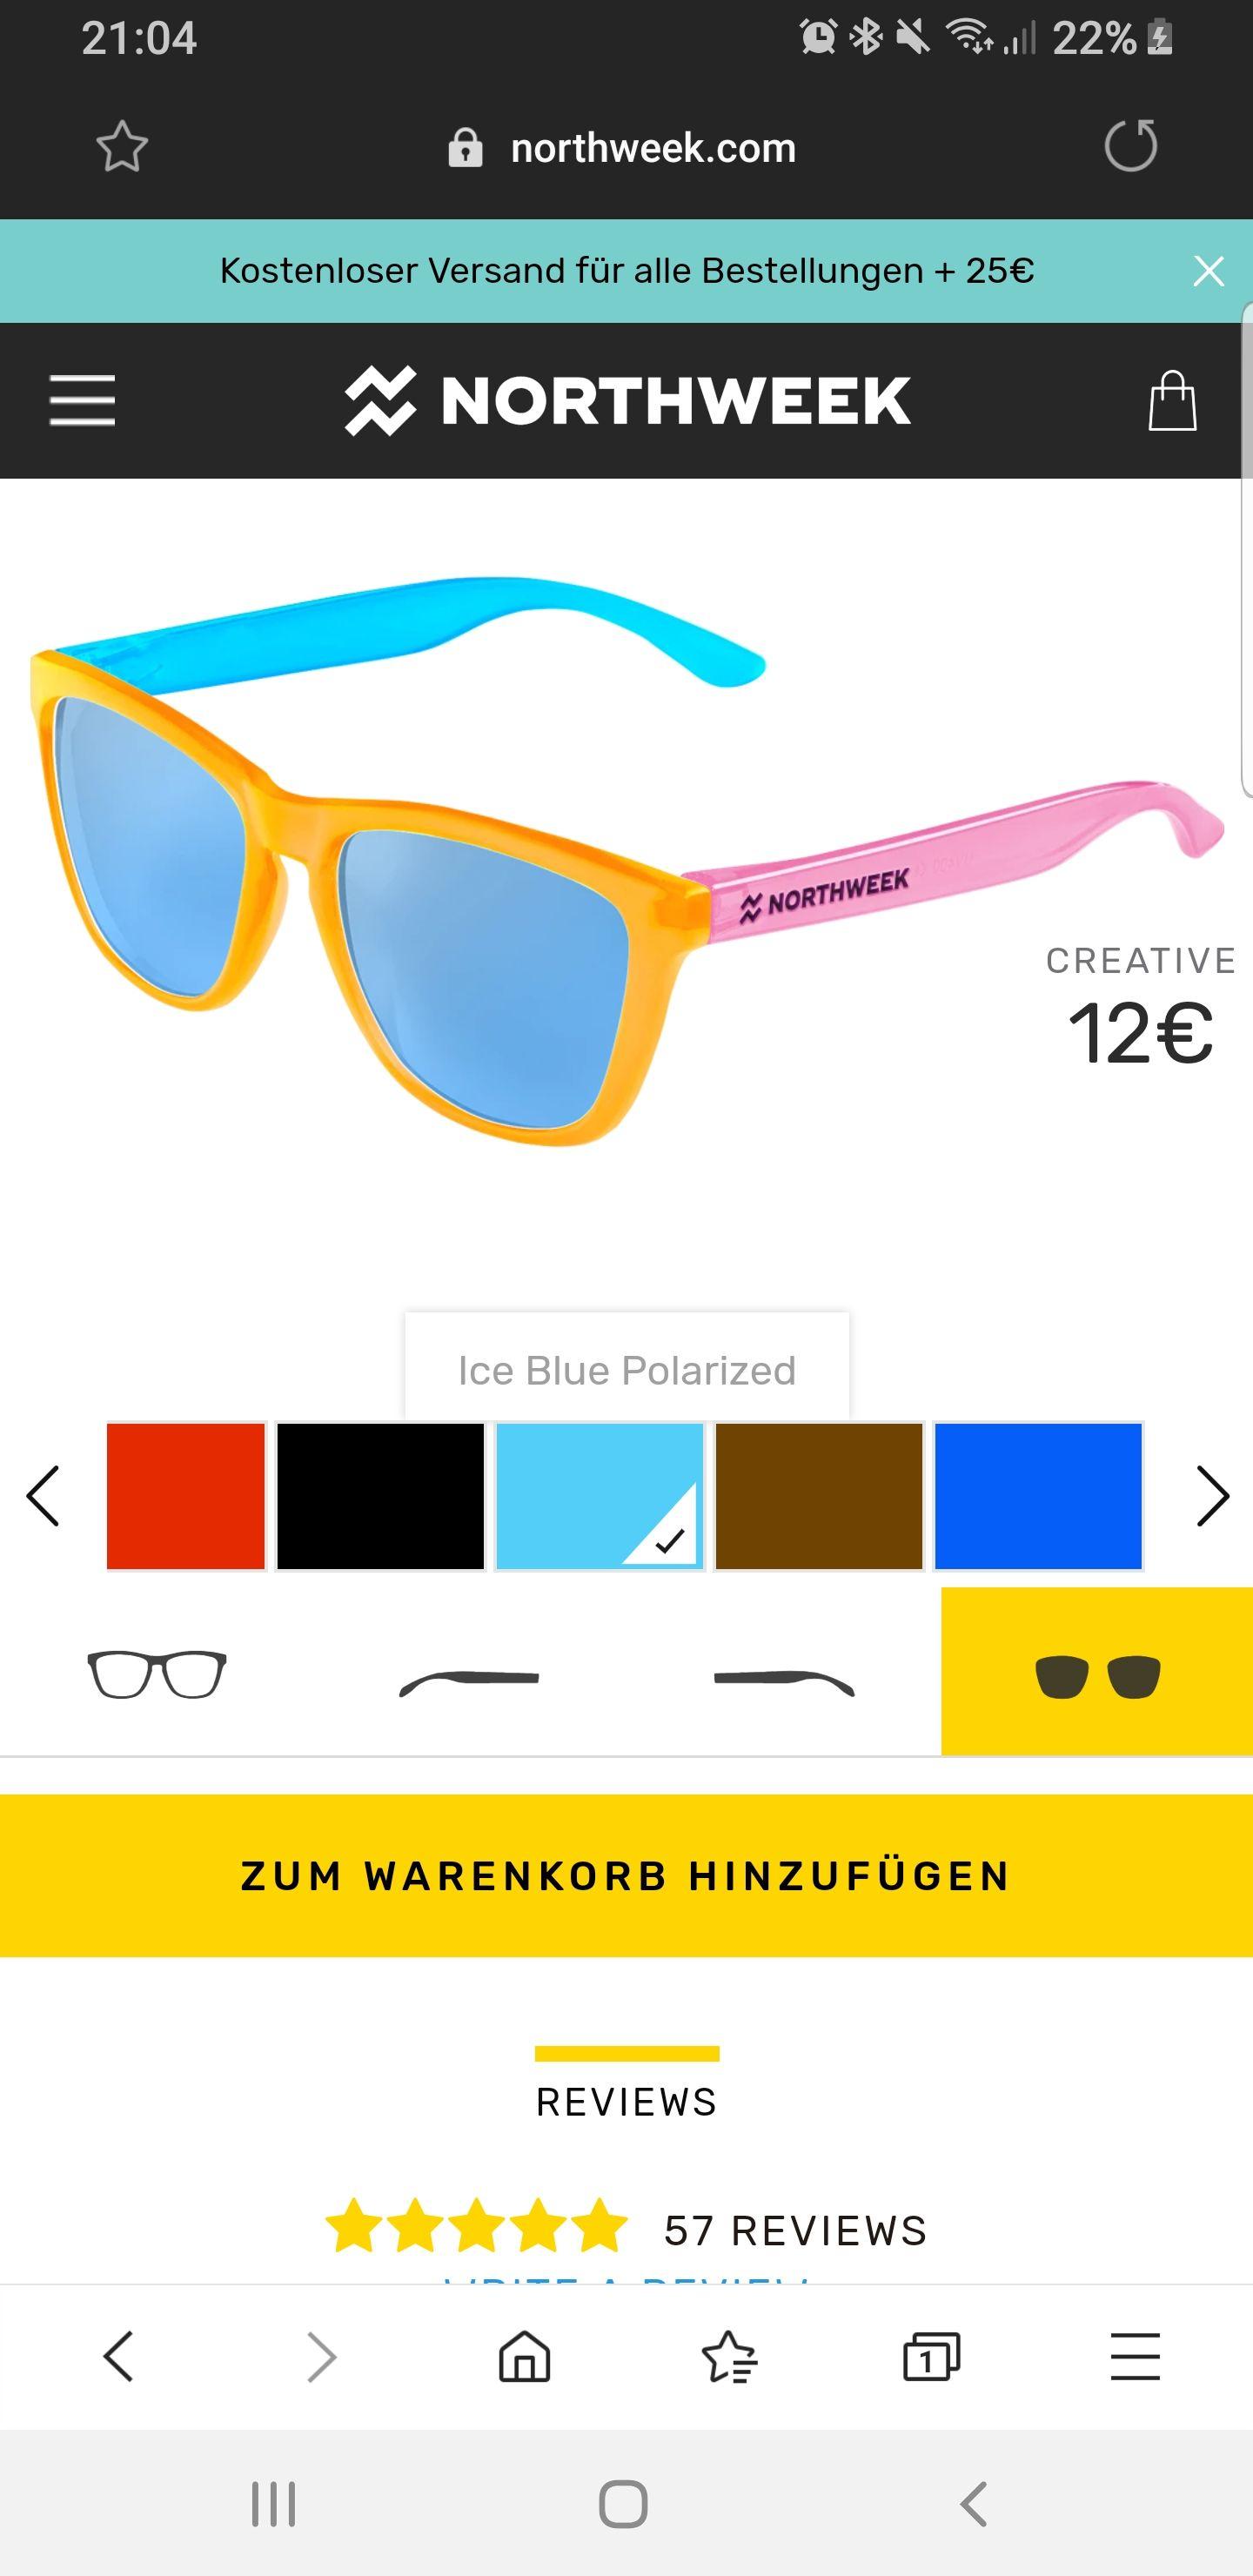 Northweek Sonnenbrille personalisieren